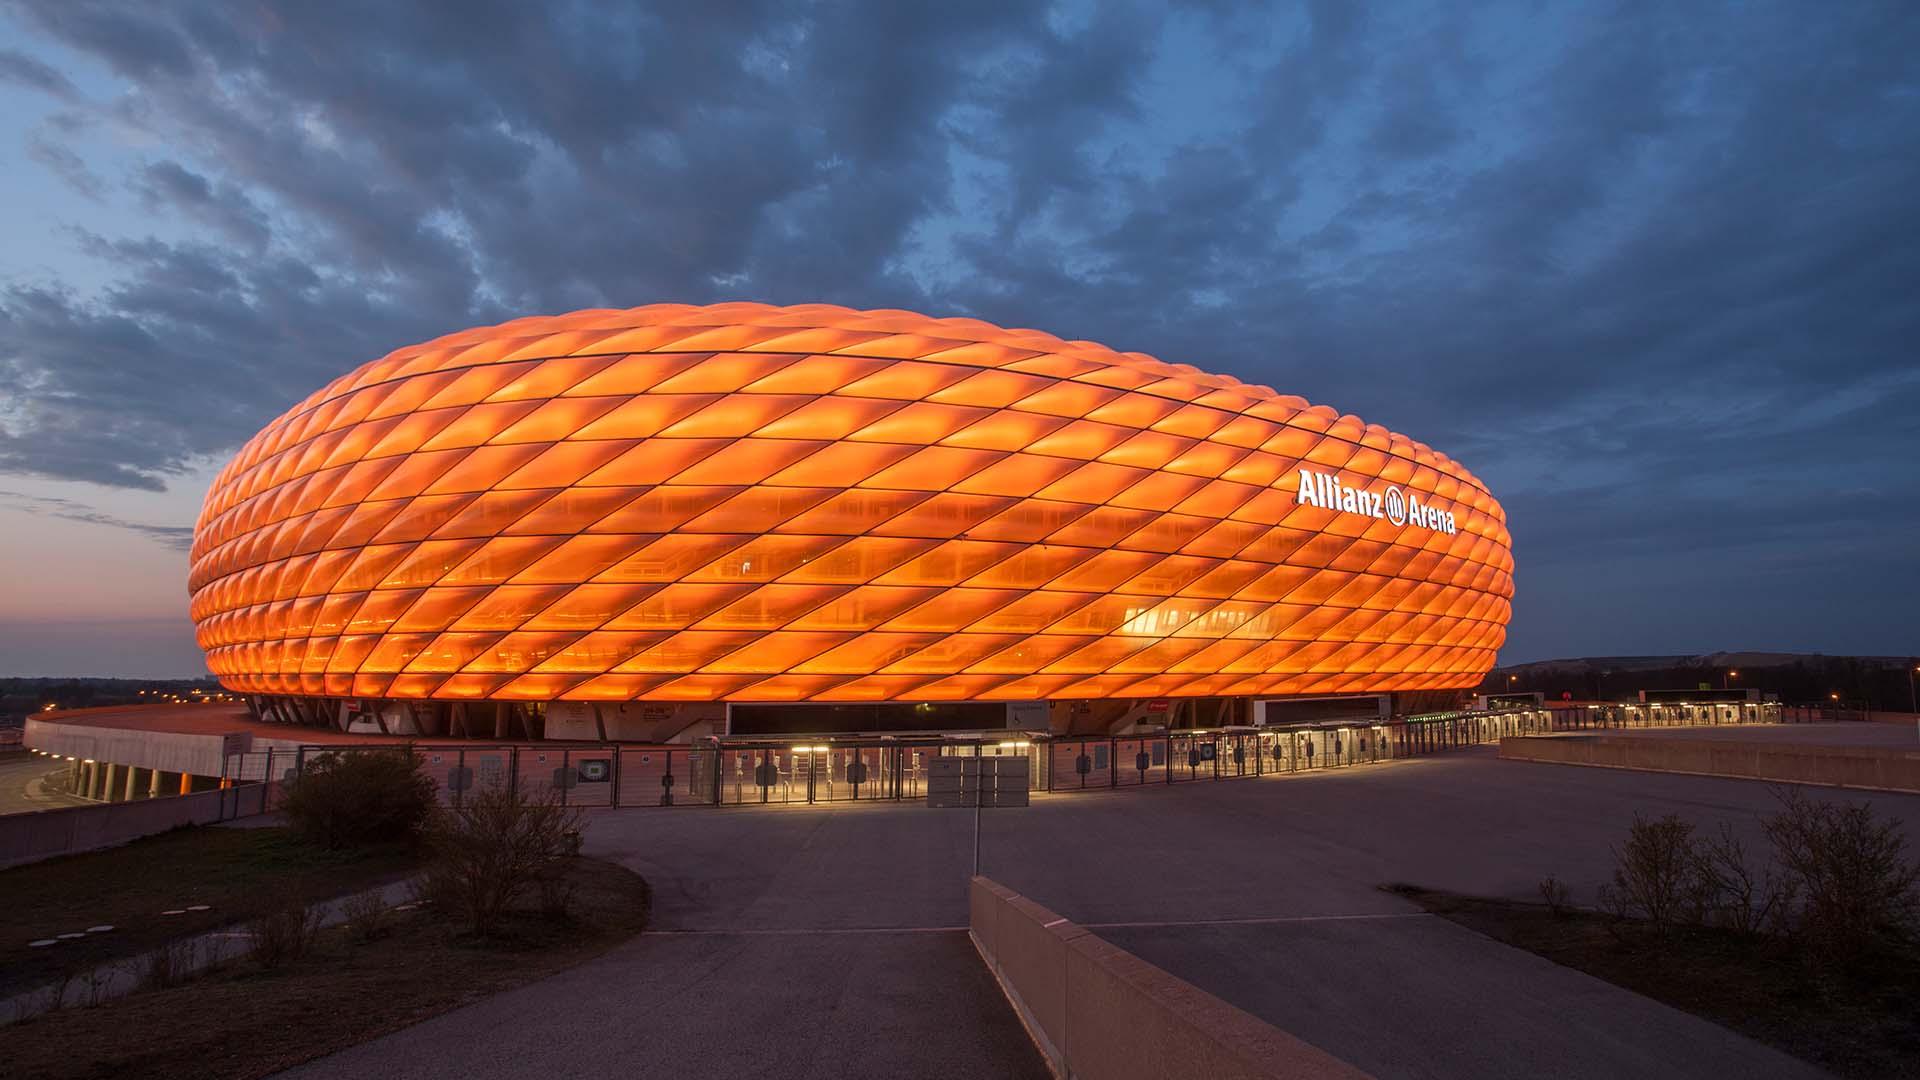 Allianz Arena được thắp sáng bằng màu cam - Biểu tượng chống bạo lực đối với phụ nữ